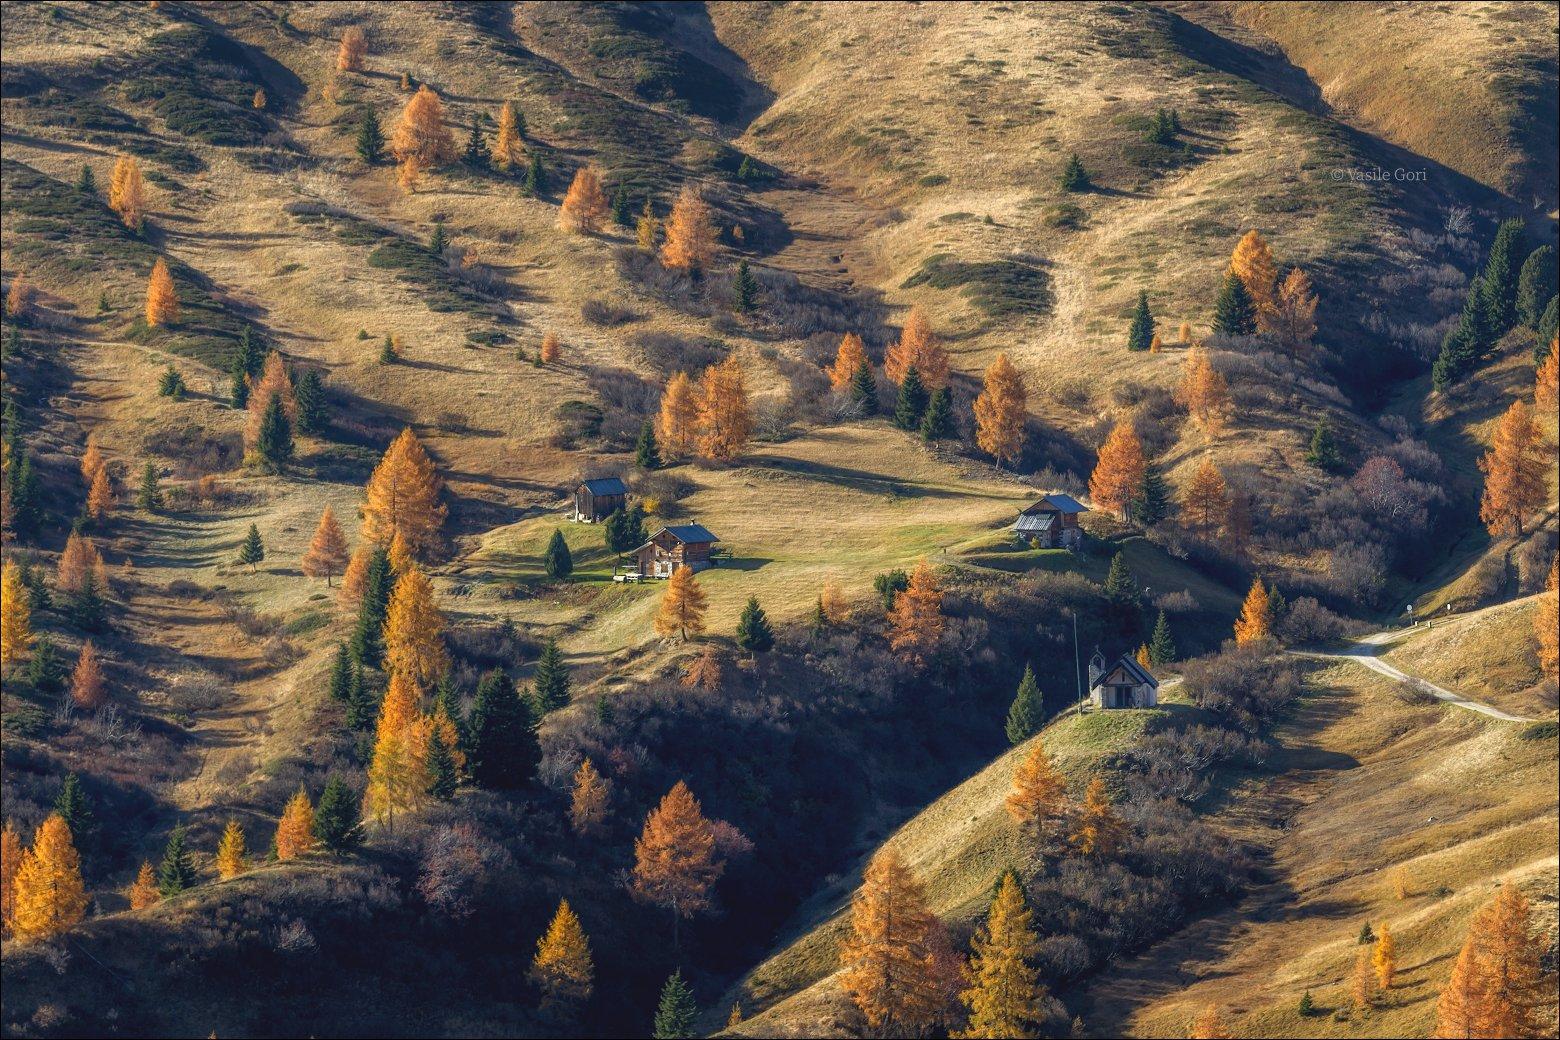 доломитовые альпы,свет,passo giau,осень,вечер,италия,alps,пейзаж,лиственицы,dolomites, Гори Василий